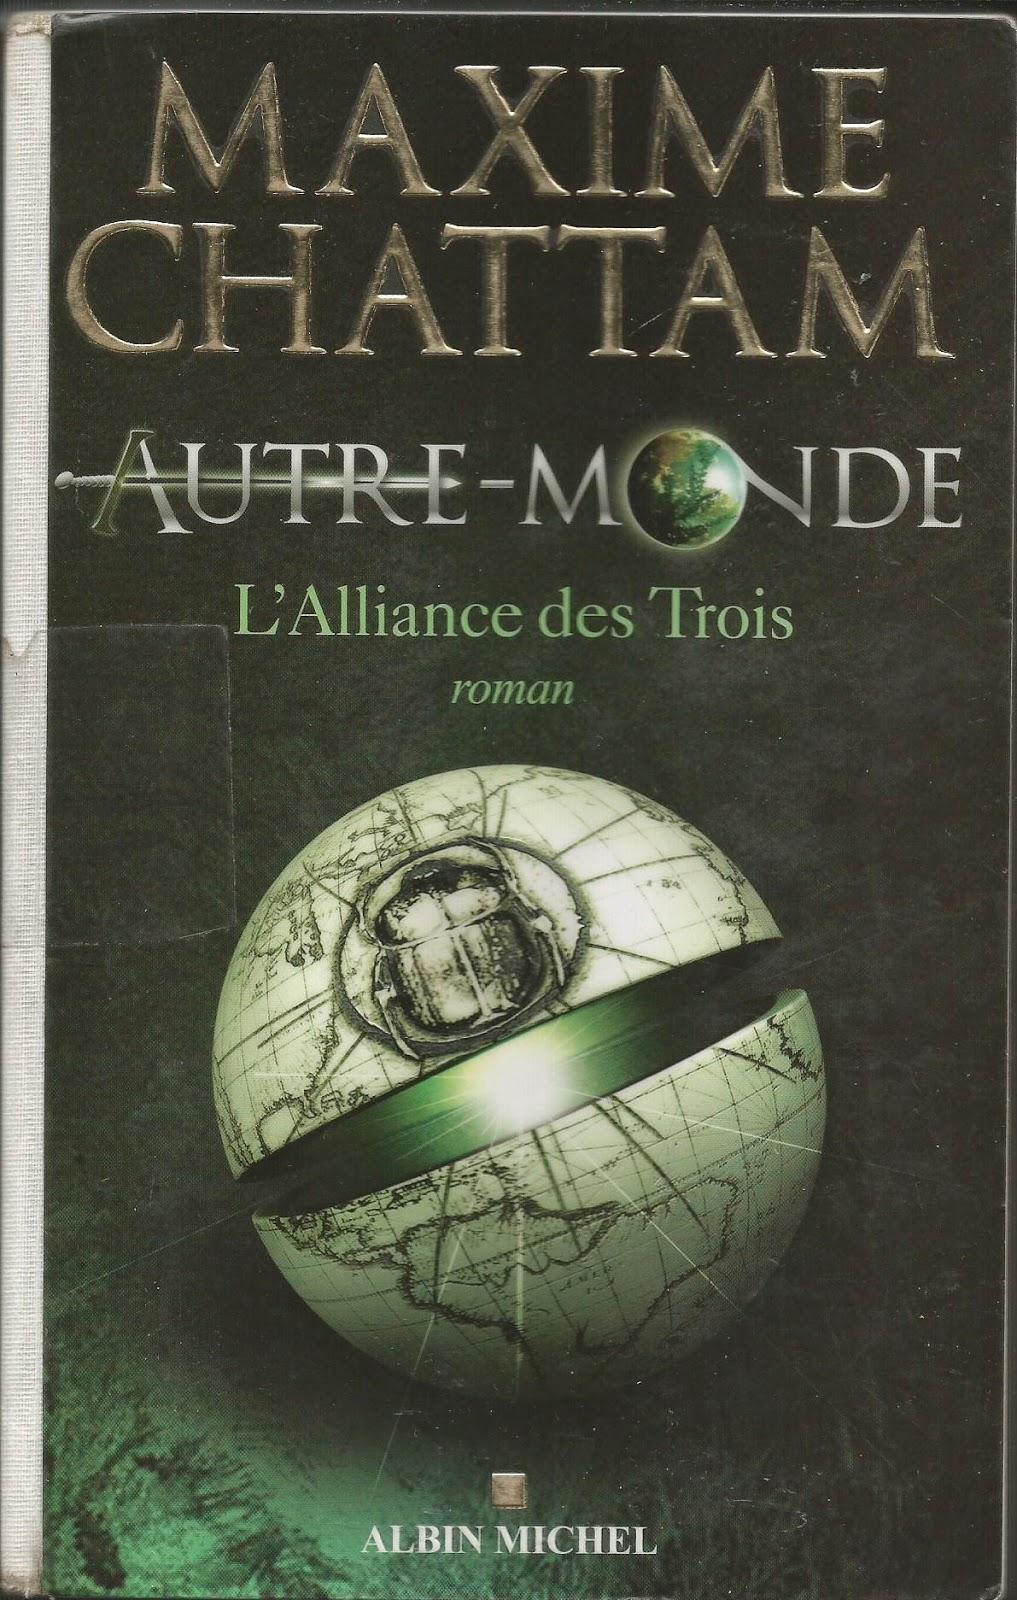 Autre-Monde 1 l'Alliance des Trois Maxime Chattam cover